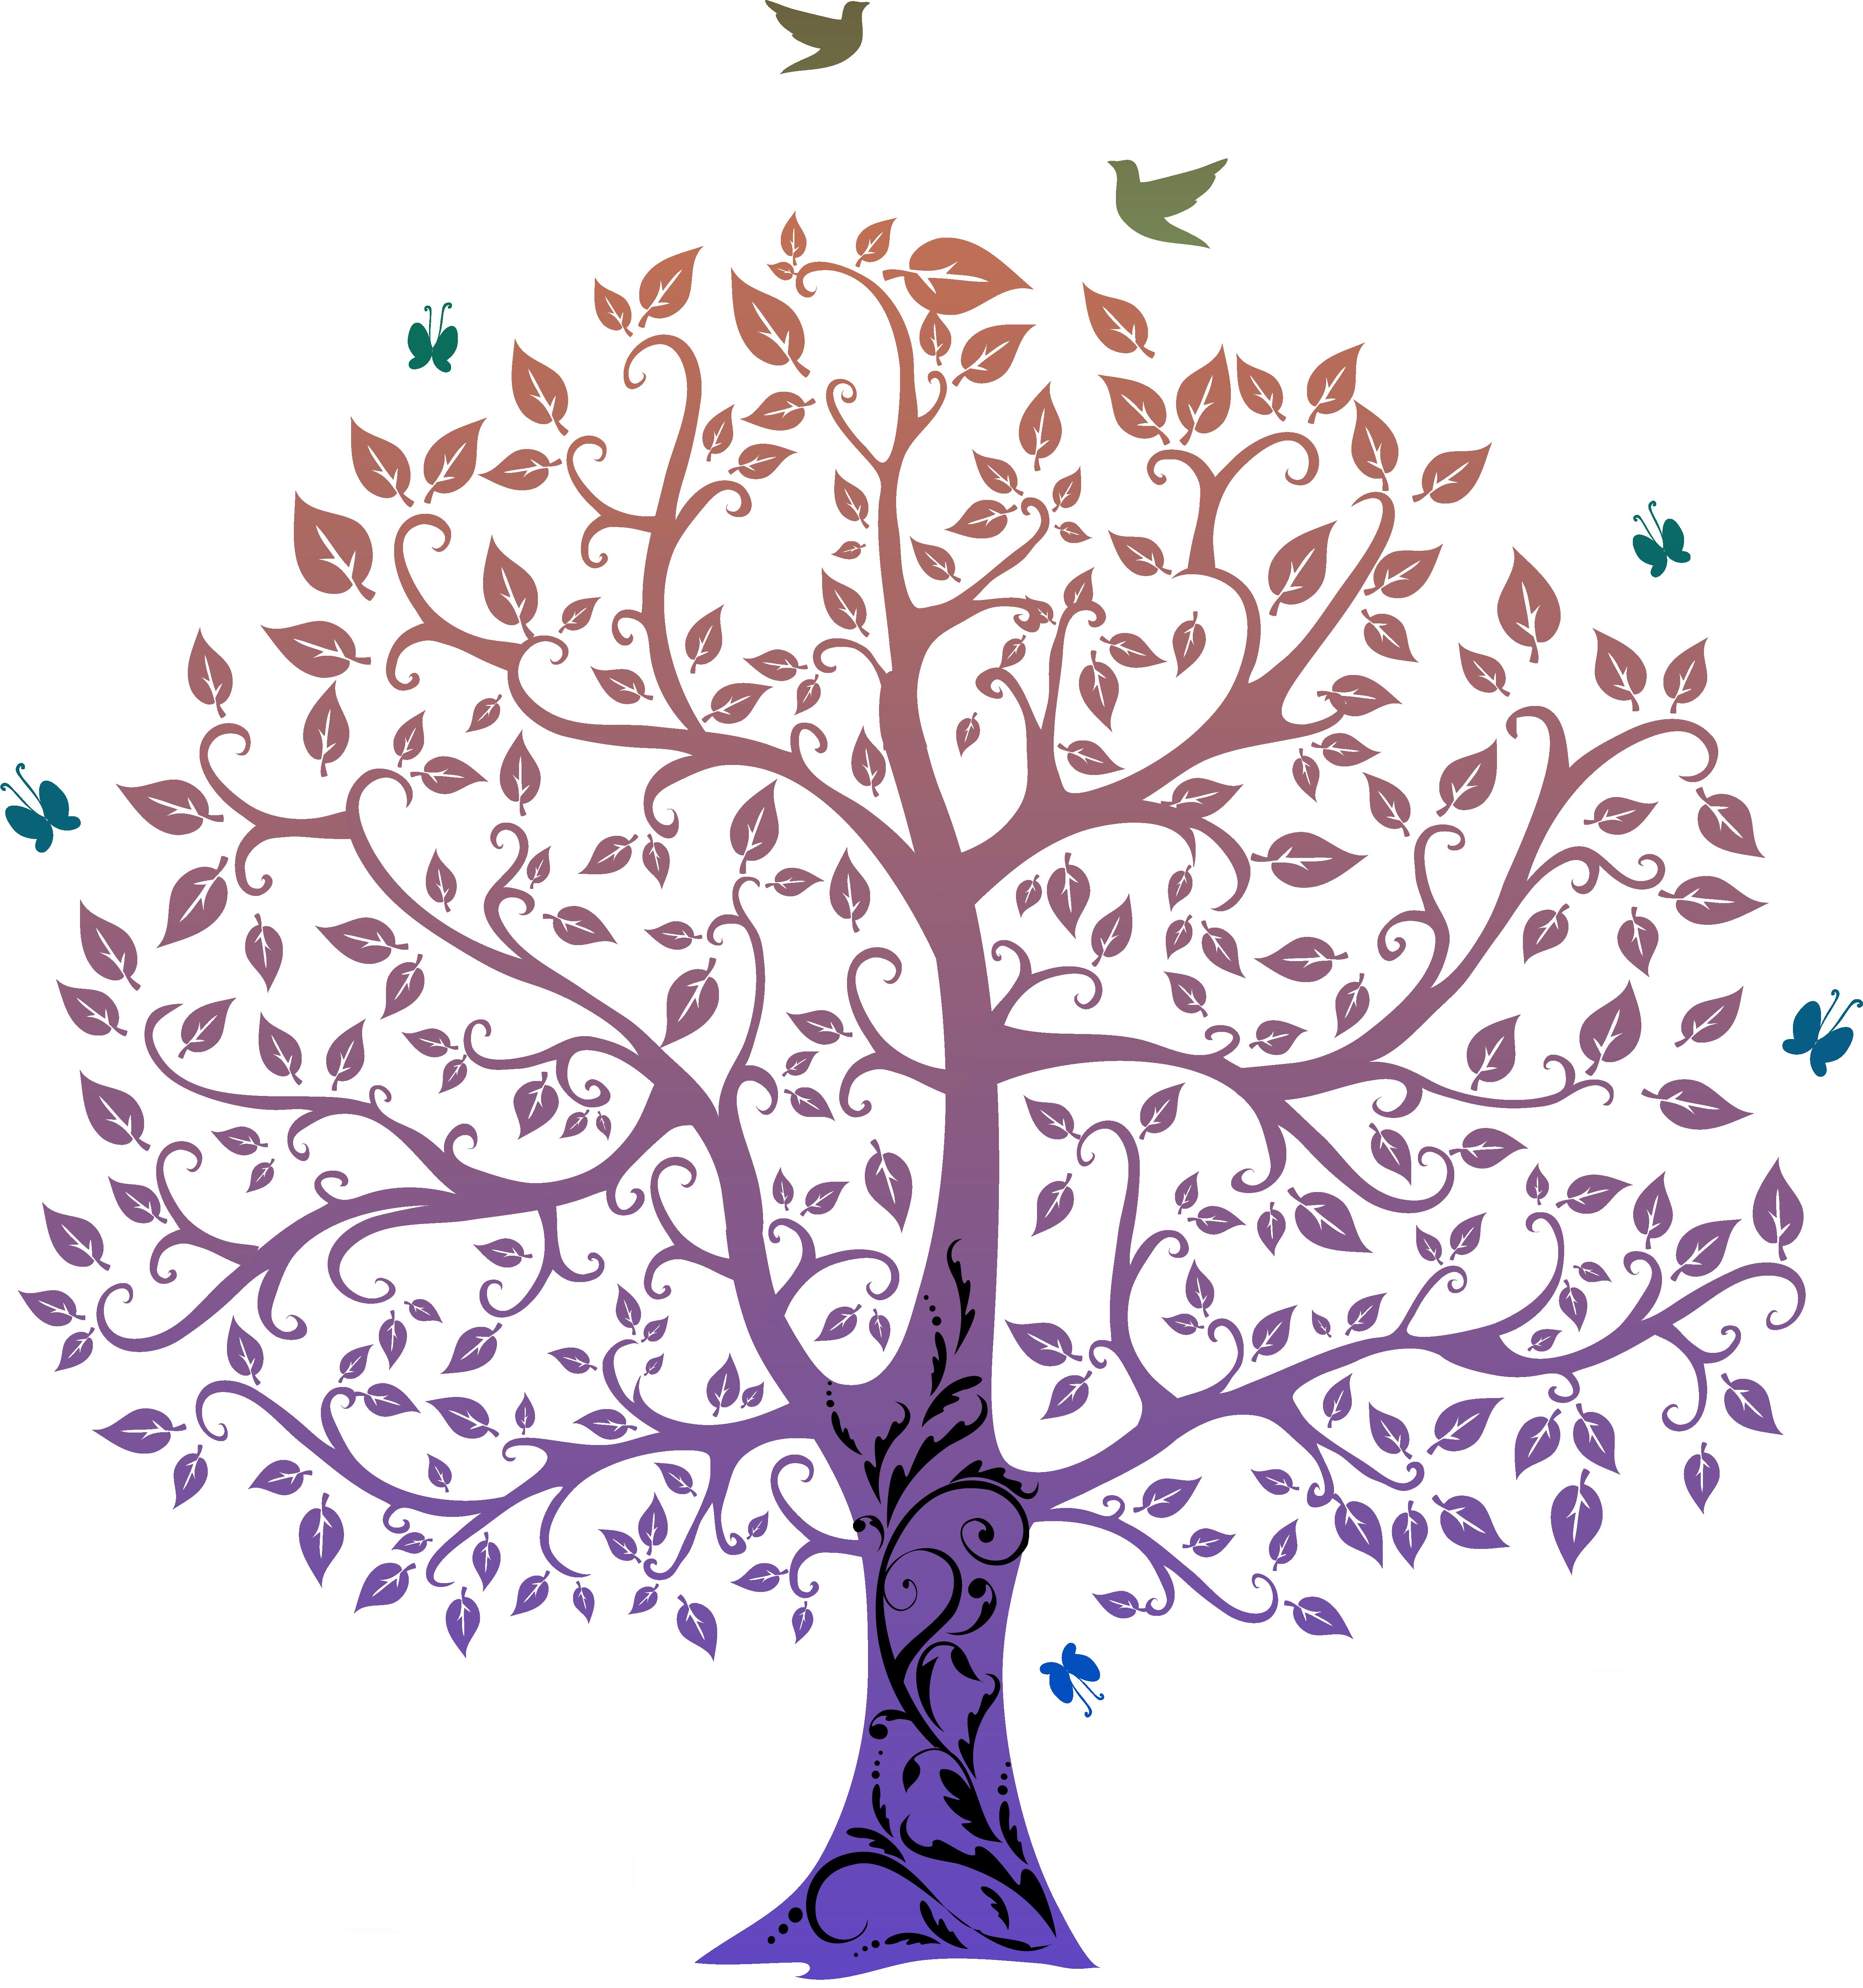 свадебное дерево: как сделать своими руками